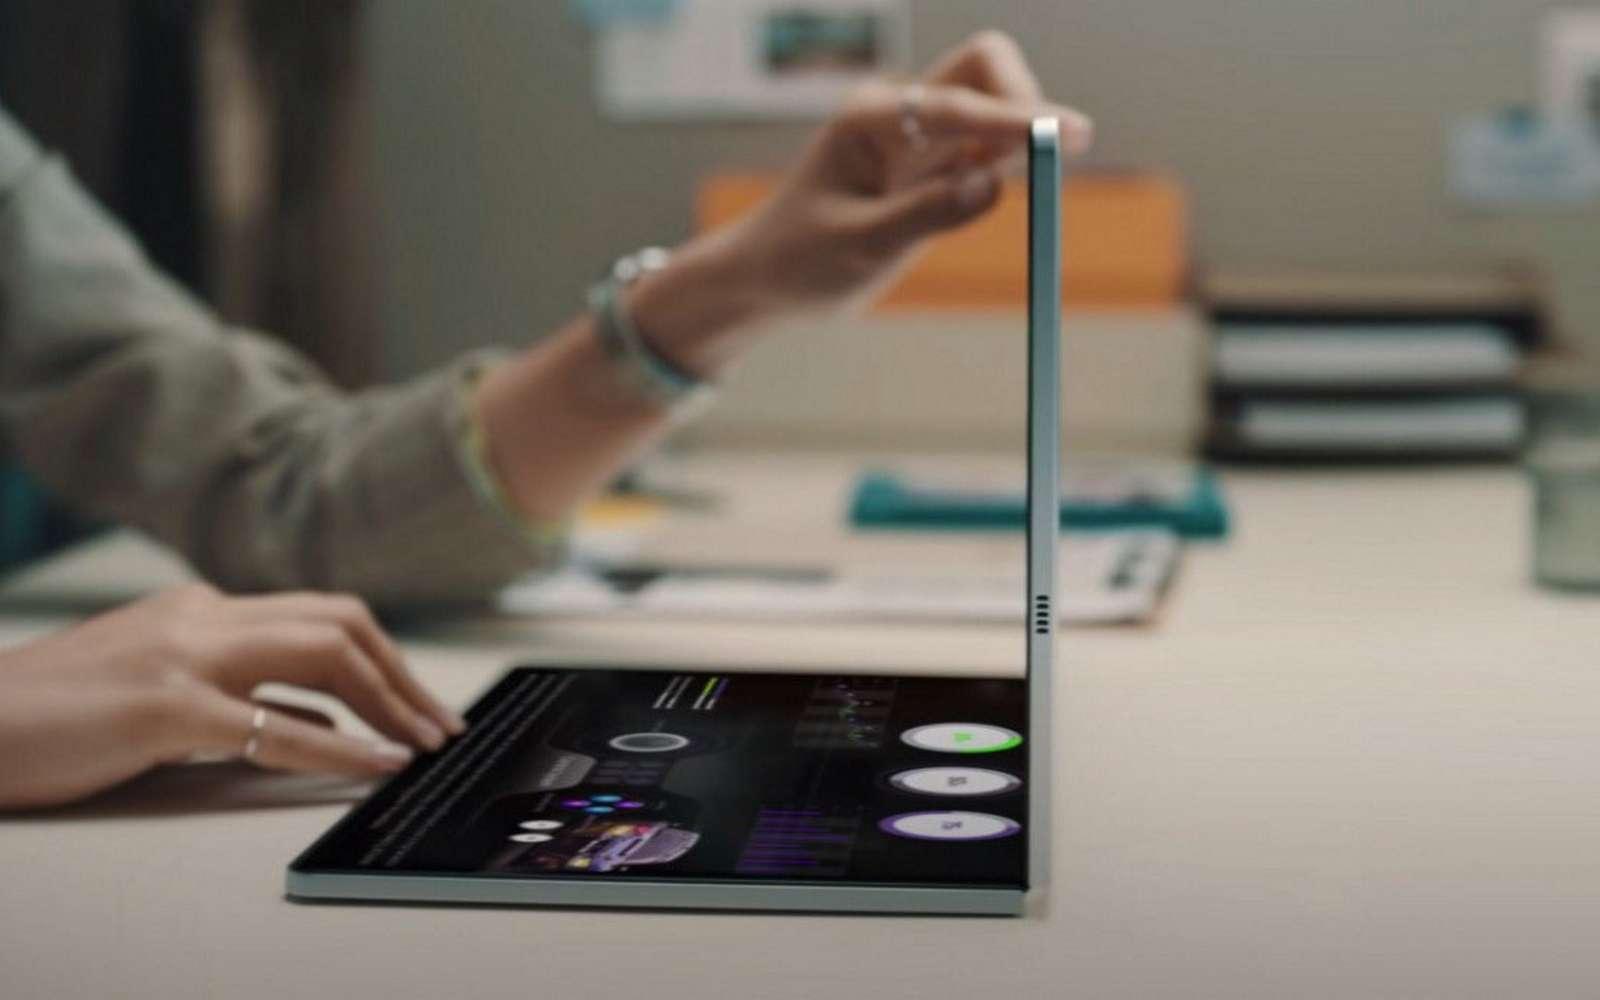 Samsung travaillerait sur un ordinateur portable avec un écran pliable. © Samsung